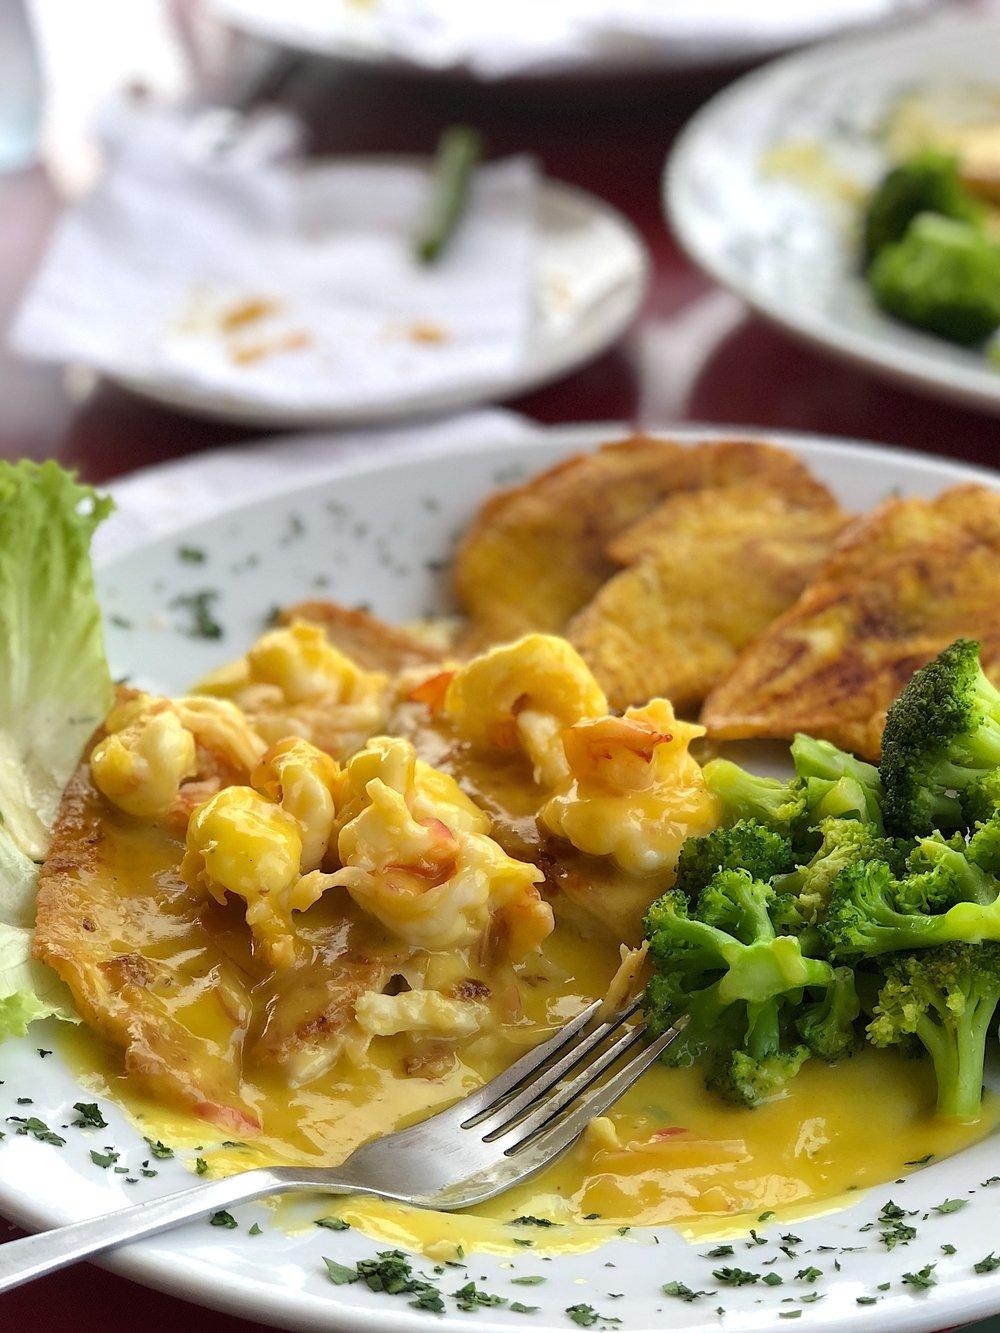 Corvina en salsa de maracuyá y camarones, brócoli al vapor, patacones (en restaurante).